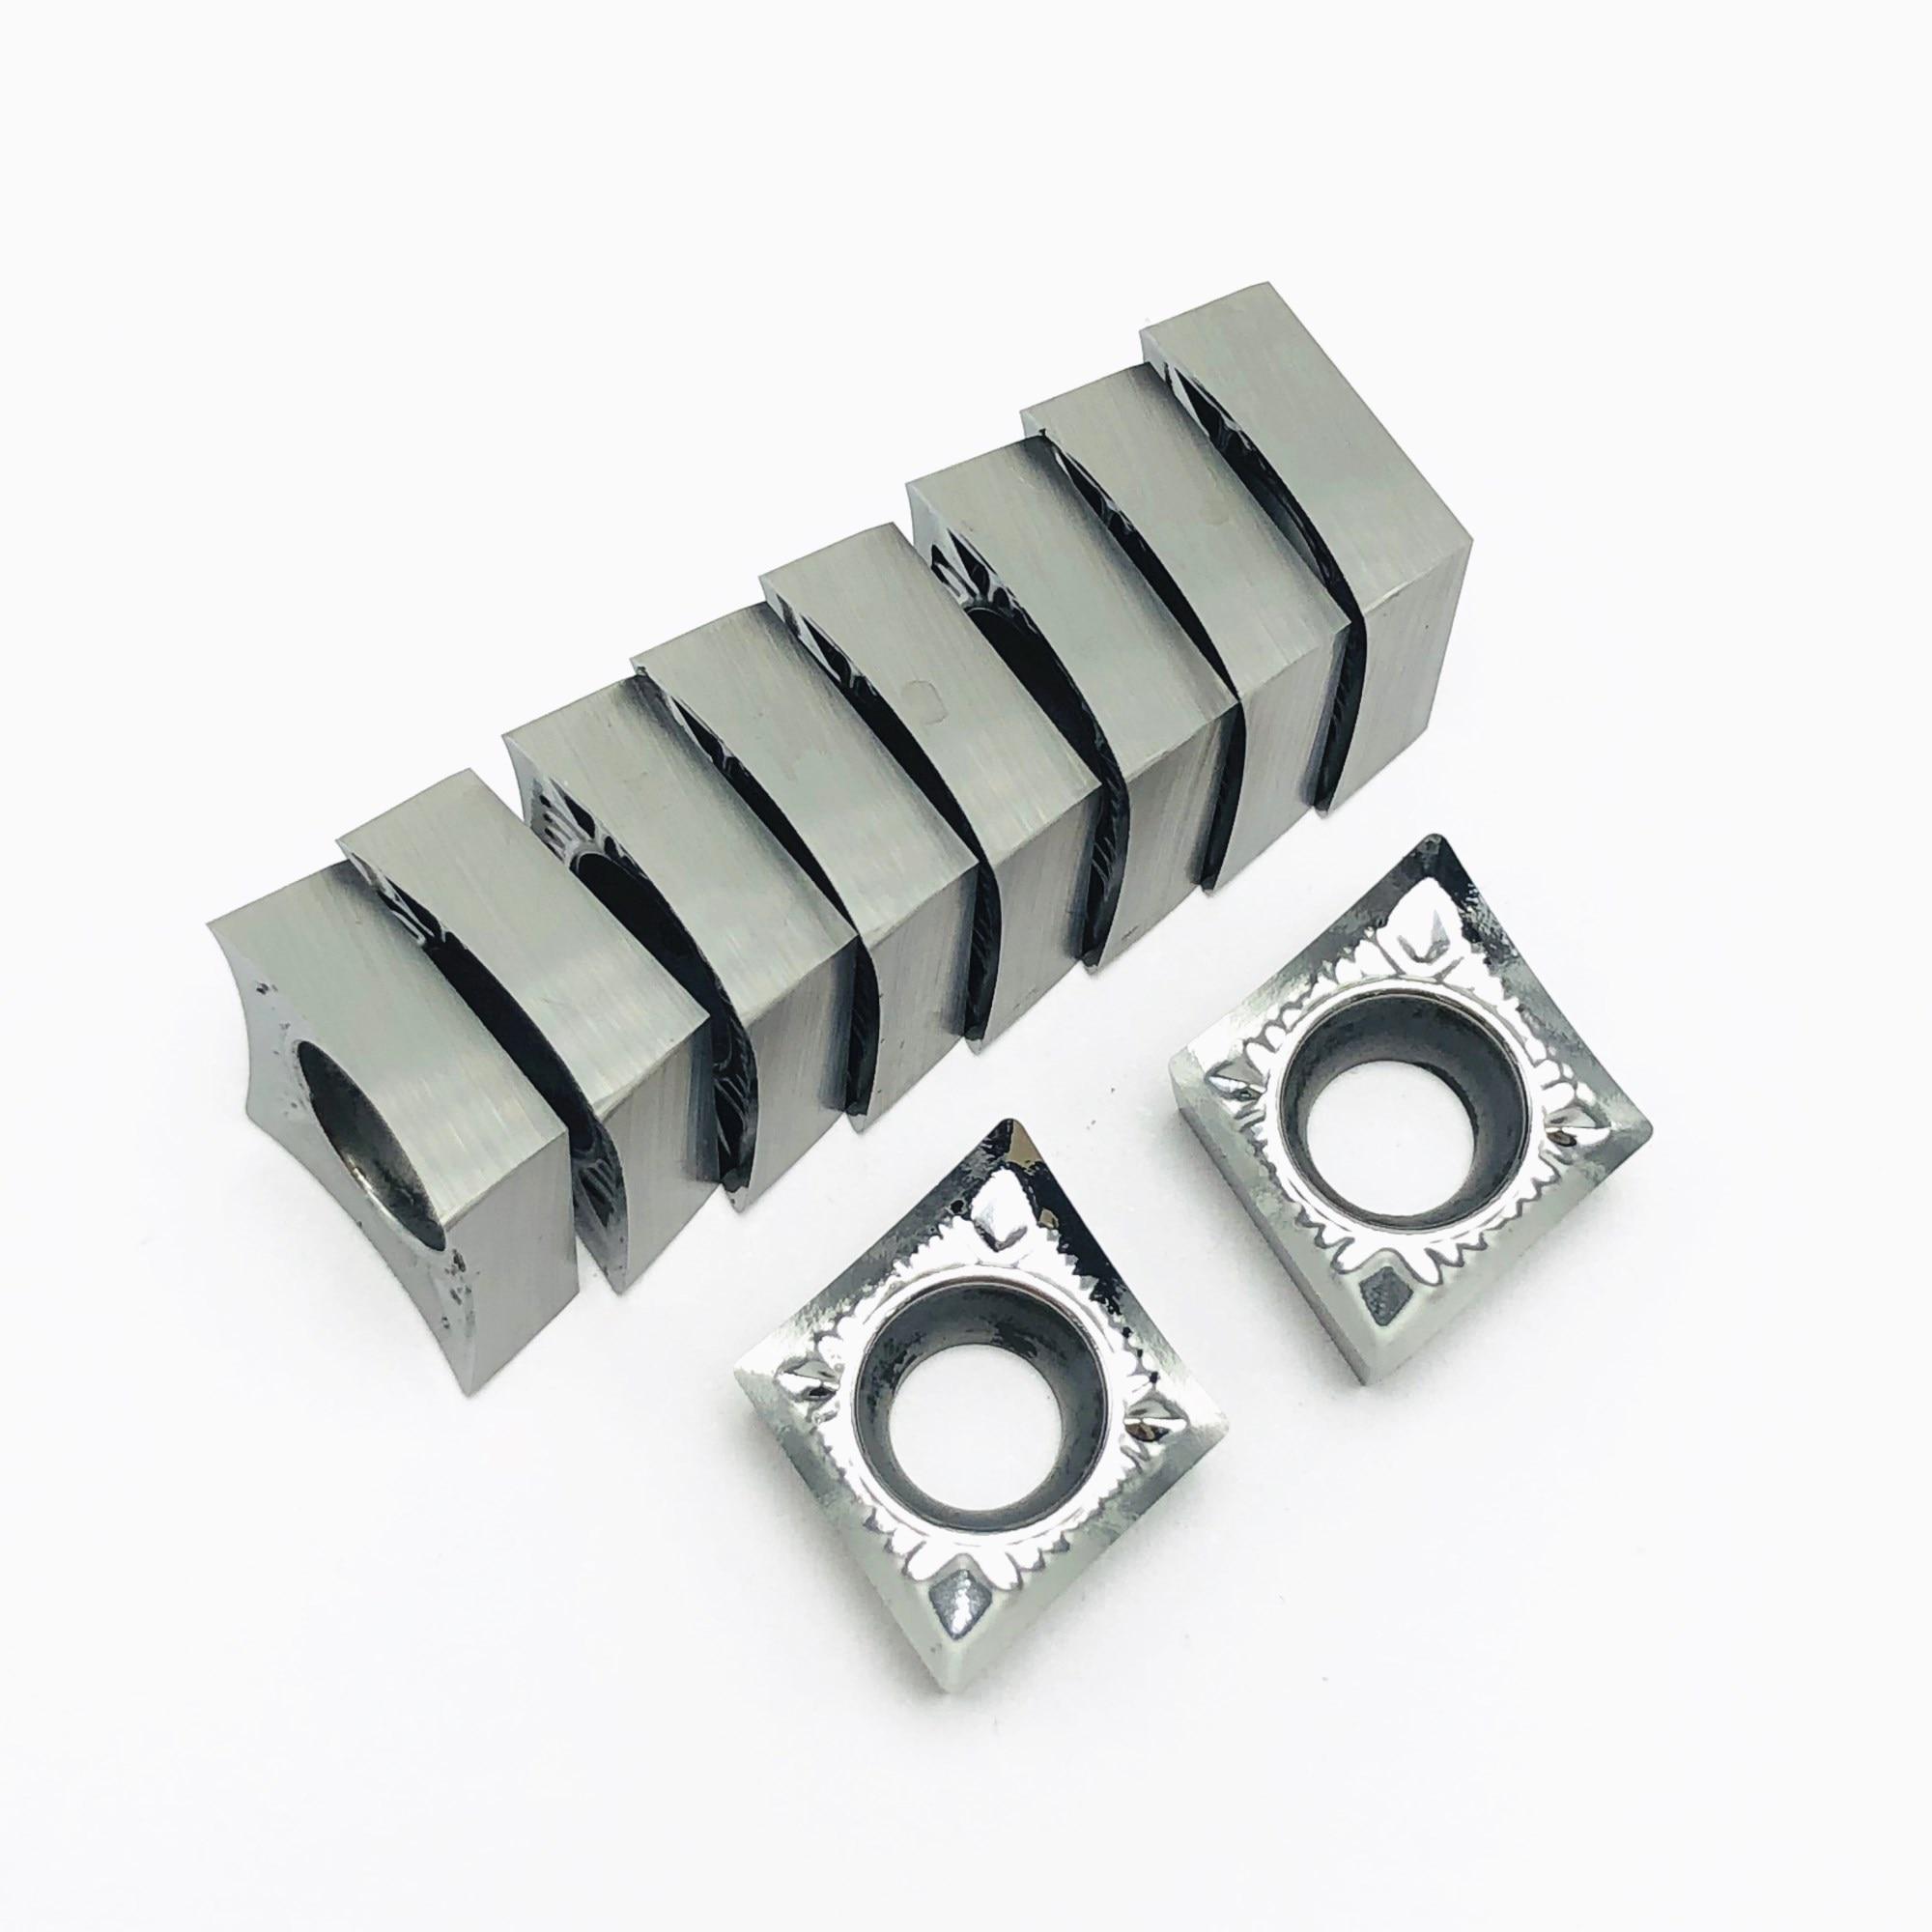 Carboneto De Inserção de alumínio CCGT060202/04/08 AK H01, Ferramenta de Torno CNC, Apropriado para o Processamento de Alumínio, CCGT060202 Inserir SCLCR/SCKCR